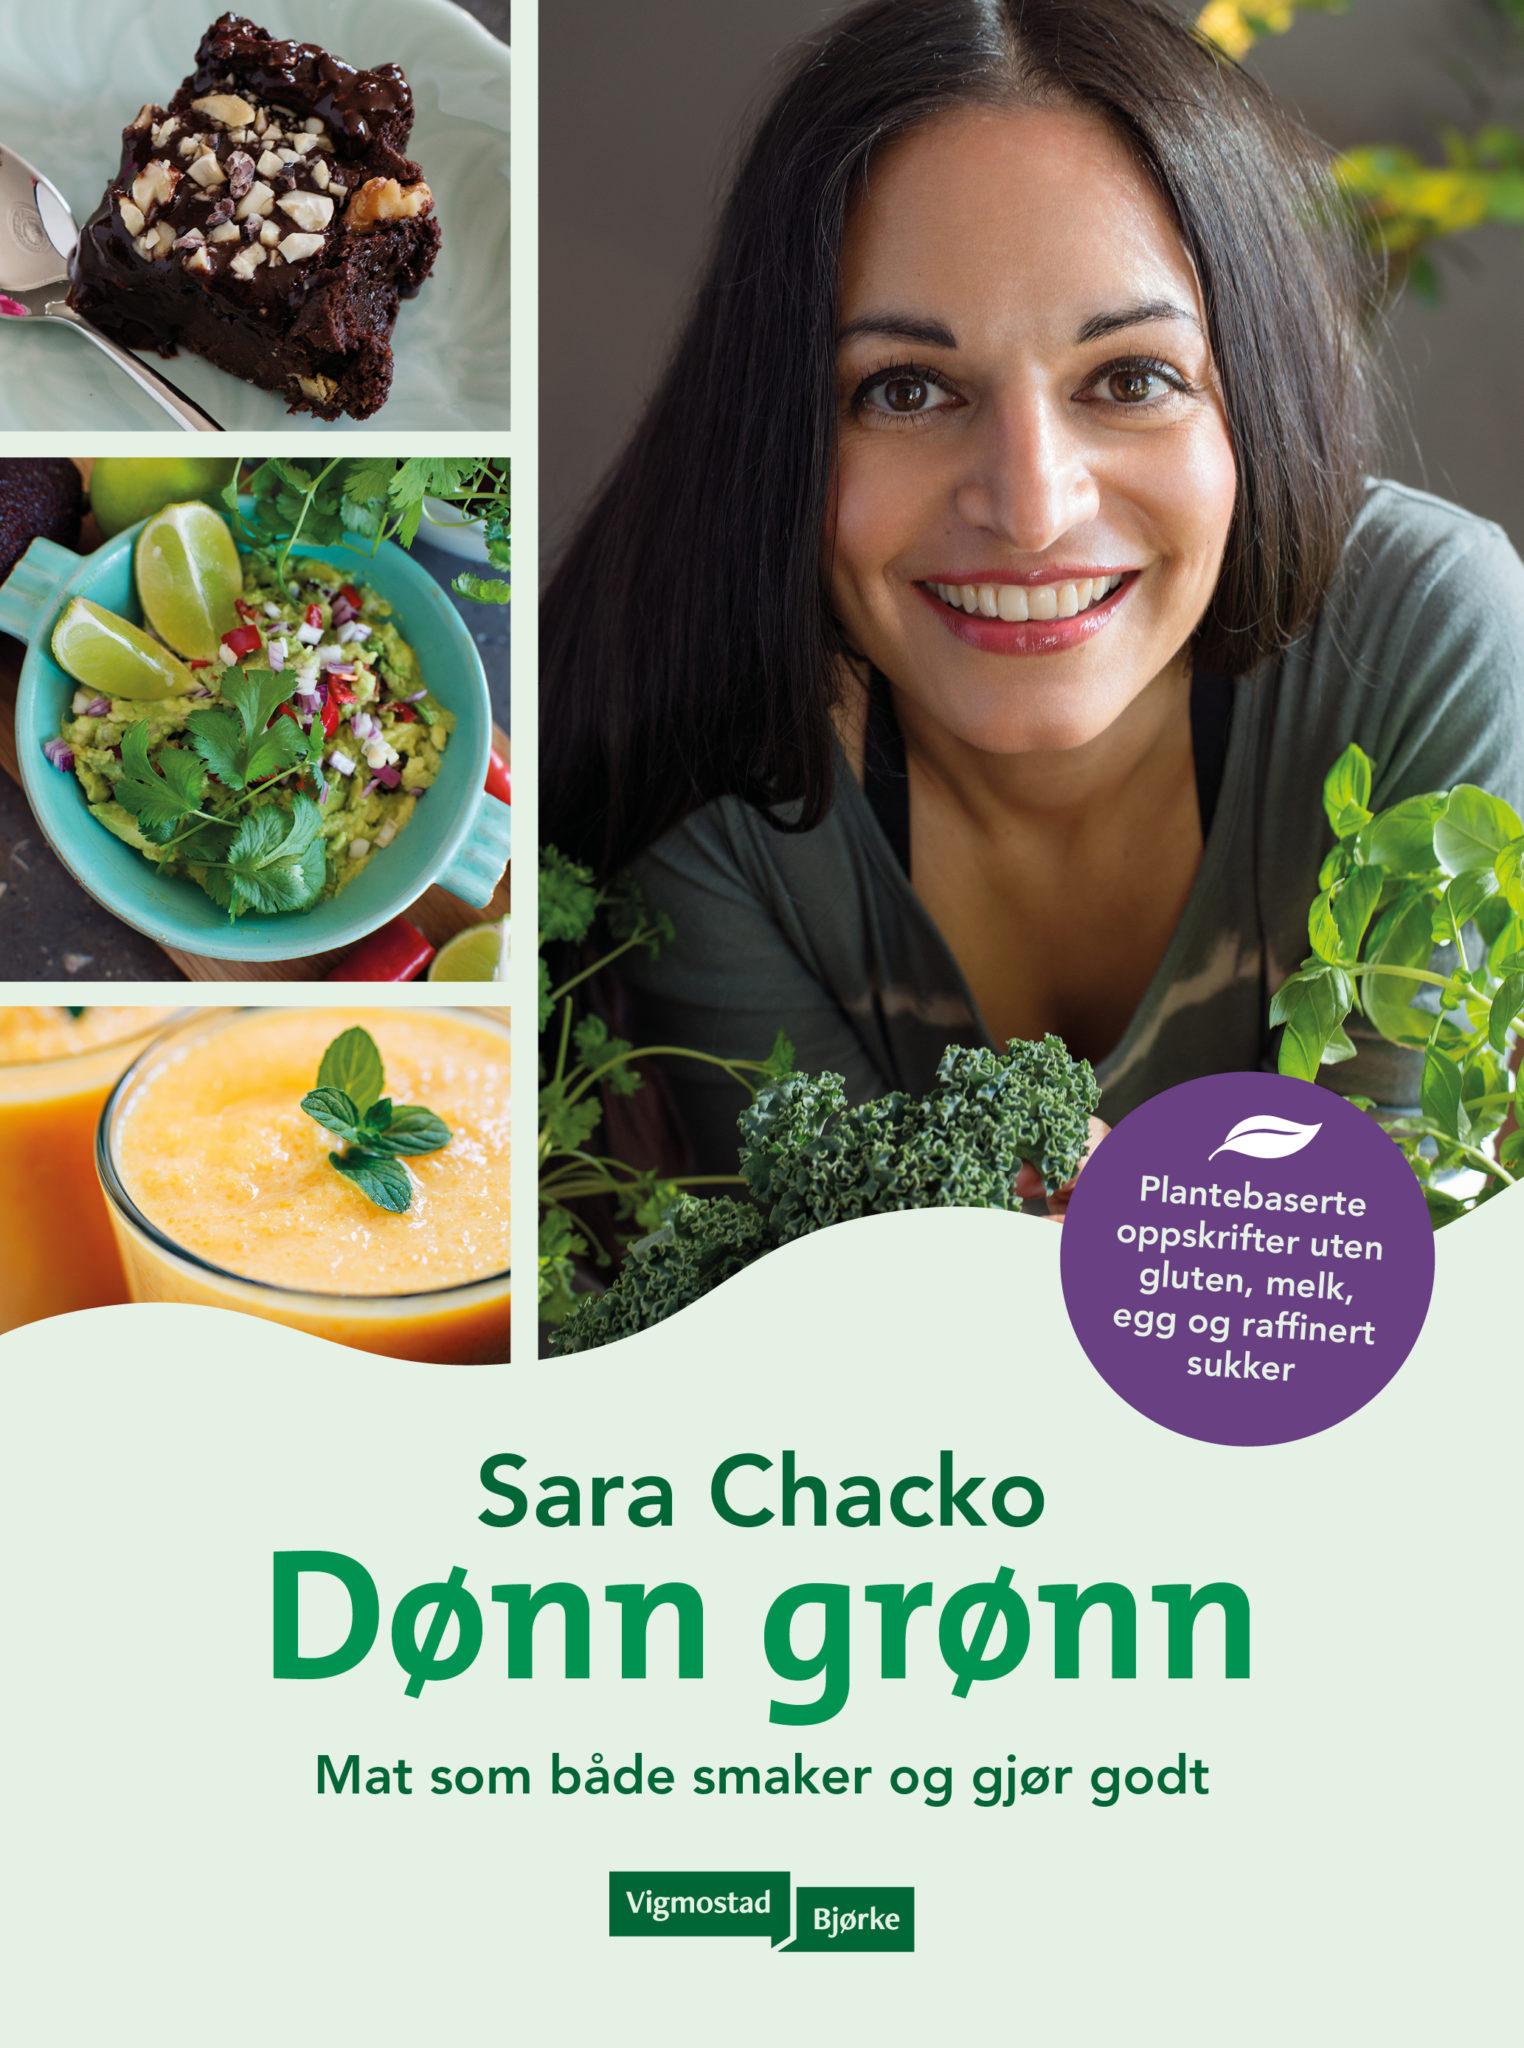 Dønn Grønn Inspirasjonskveld for deg som ønsker å spise mer grønt i 2019!